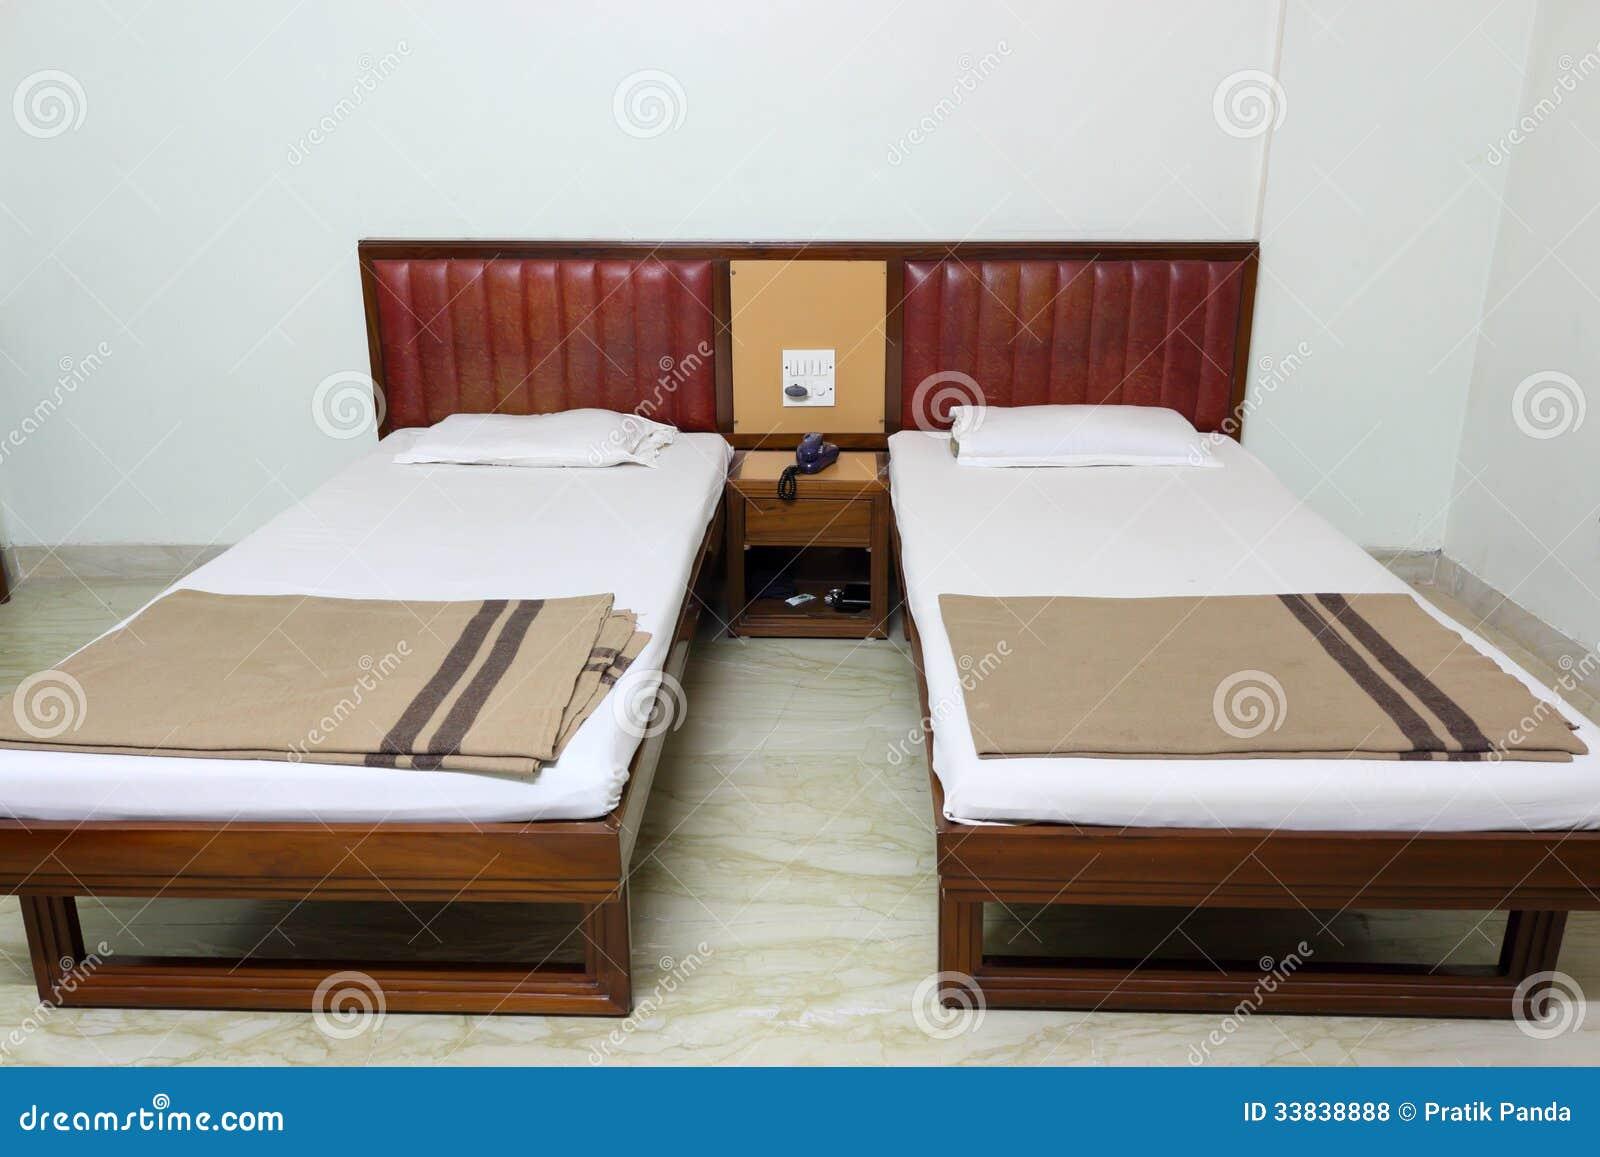 Chambre A Coucher Simple : Chambre à coucher simple intérieurs la maison photos